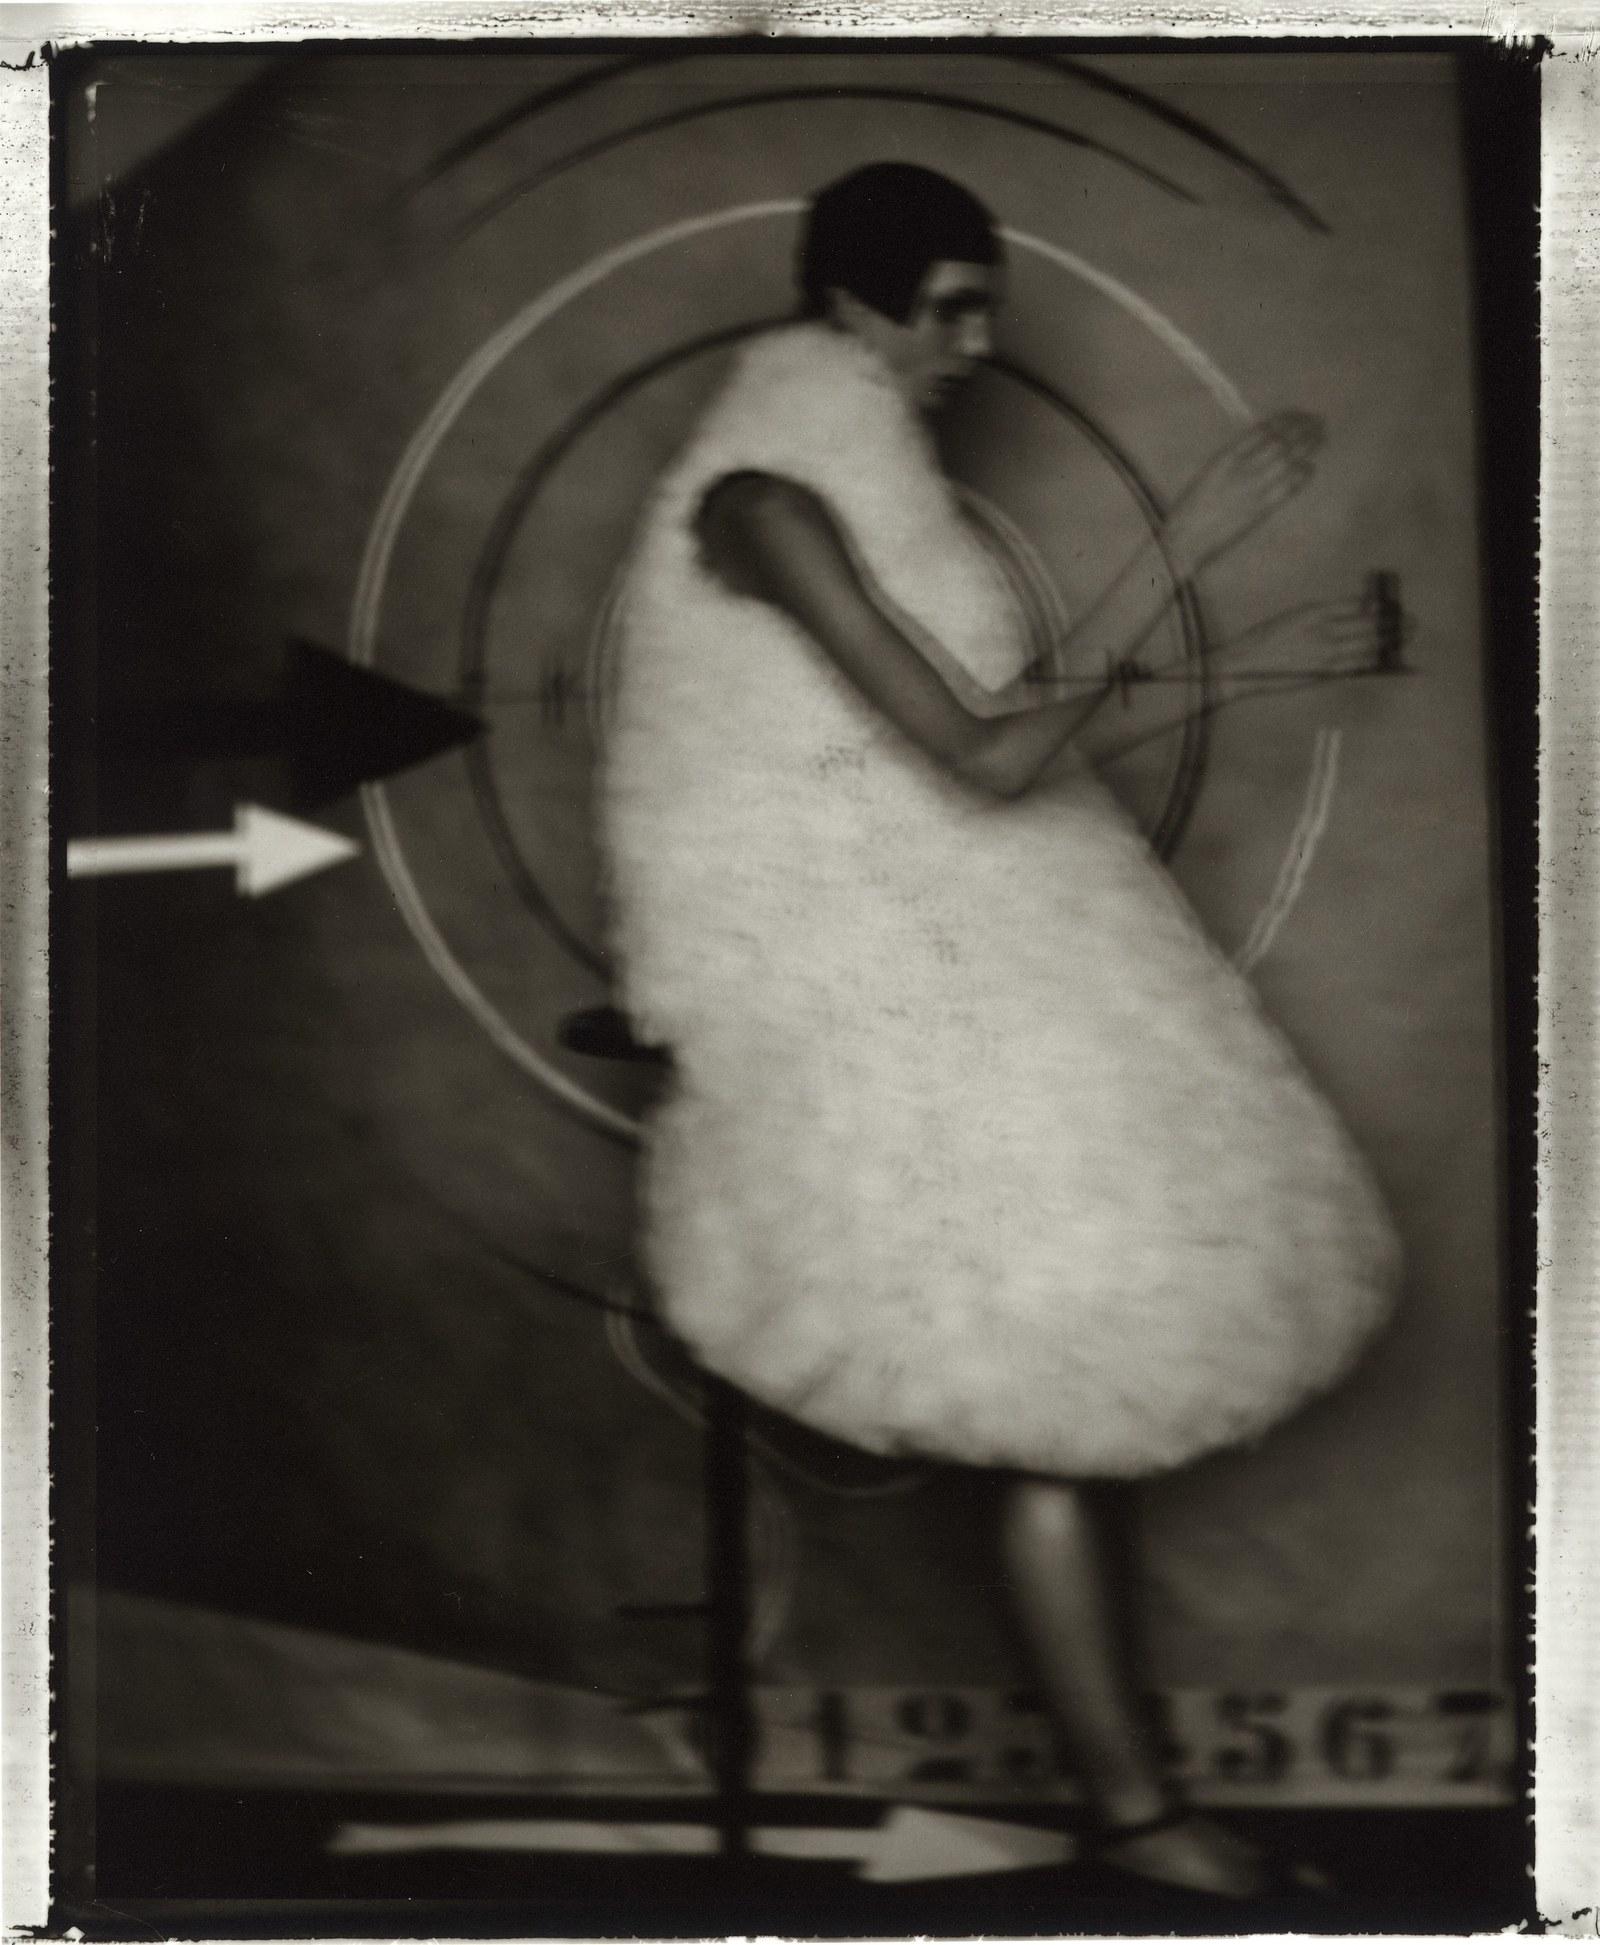 TheClock,SarahMoon,1999